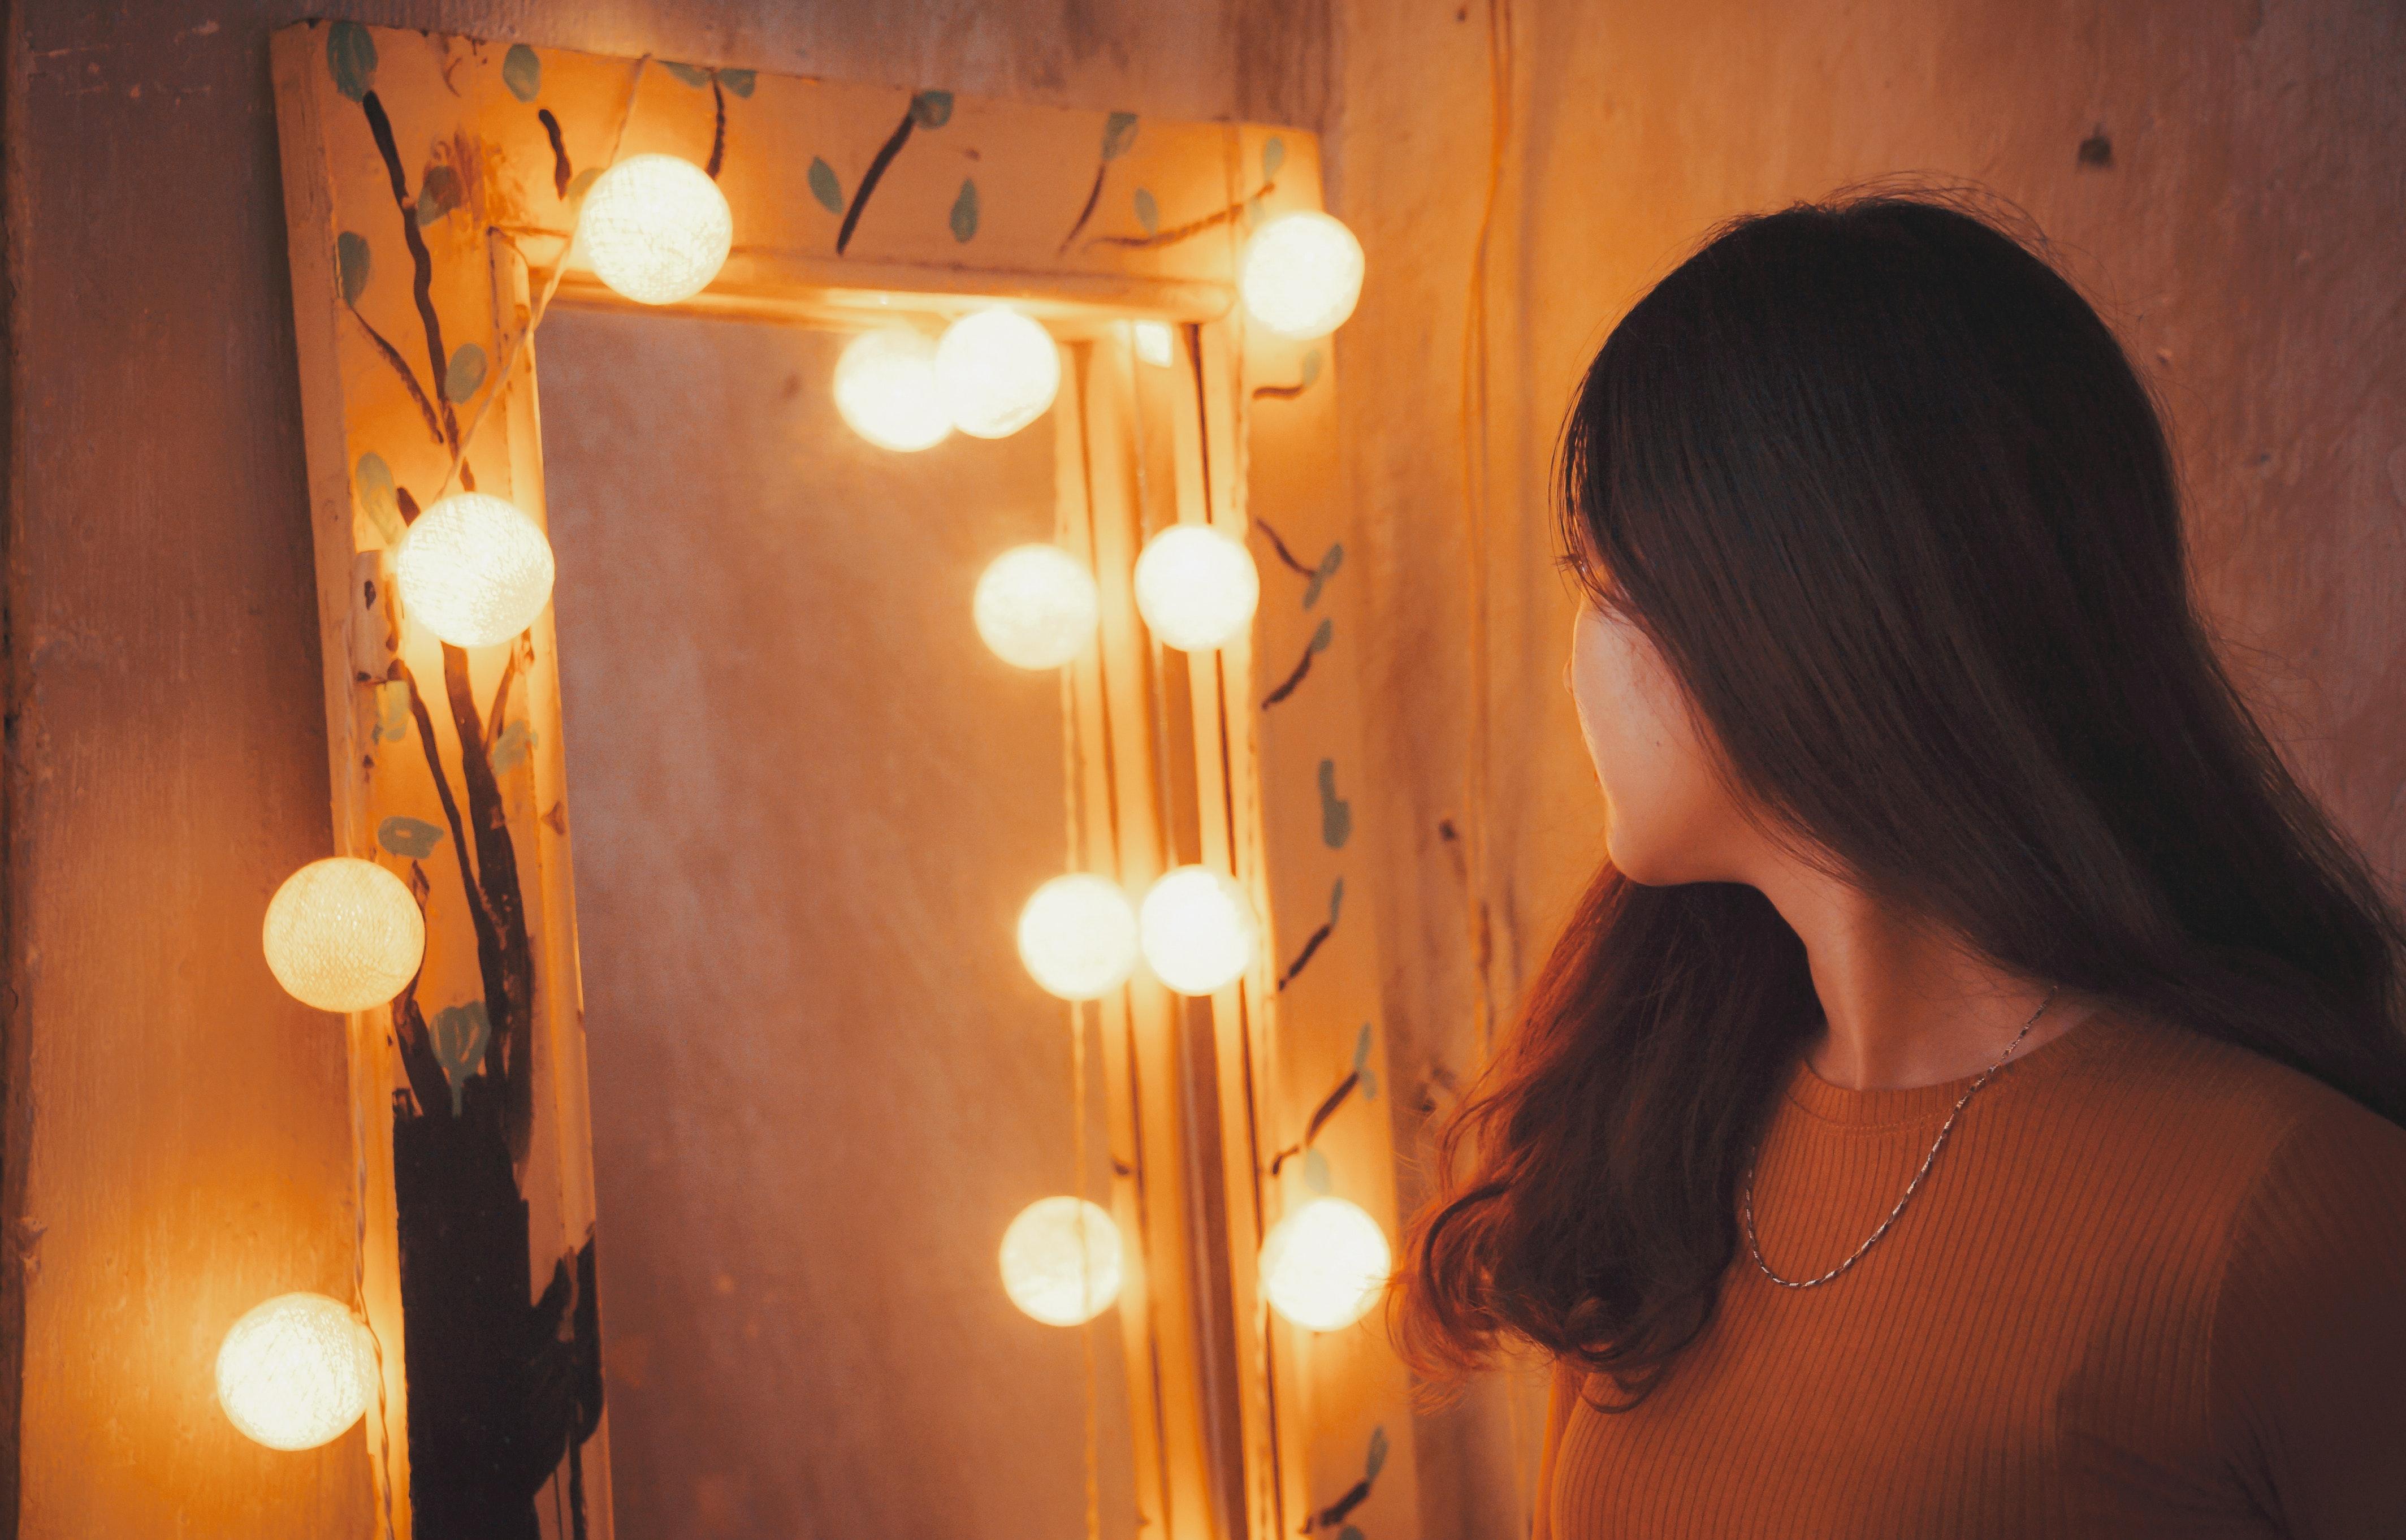 風水で玄関に鏡を置くときの注意点は?風水から見た鏡の置き方やポイントを解説